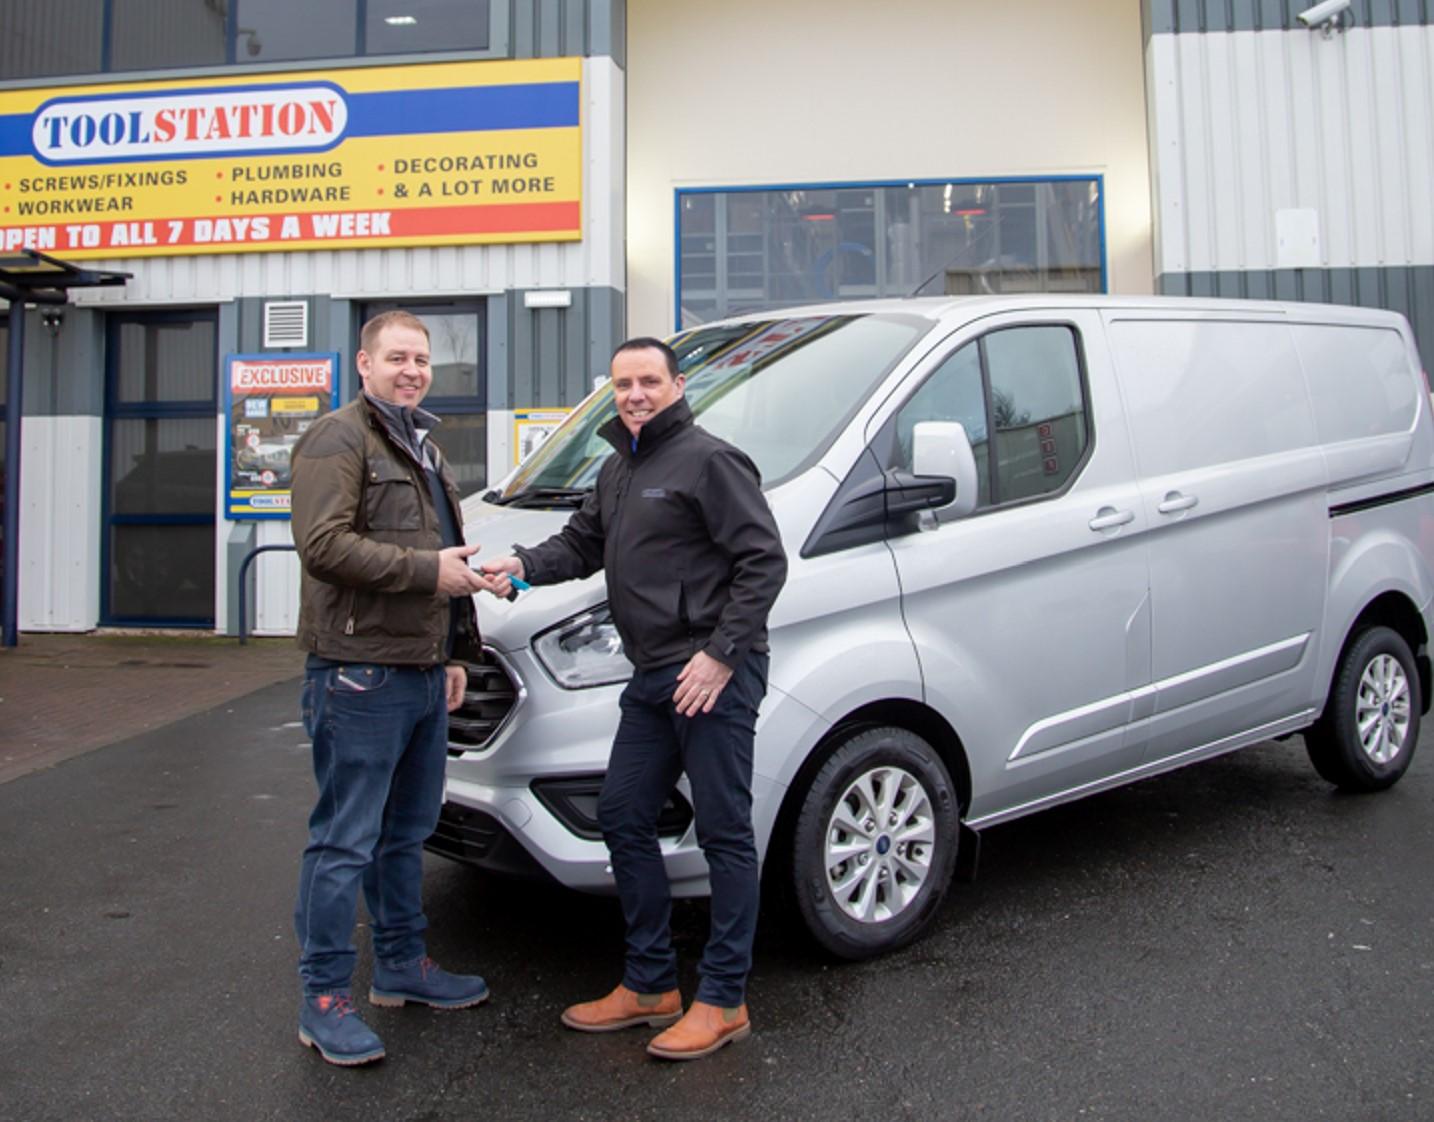 Wolverhampton Electrician Wins Toolstation Van